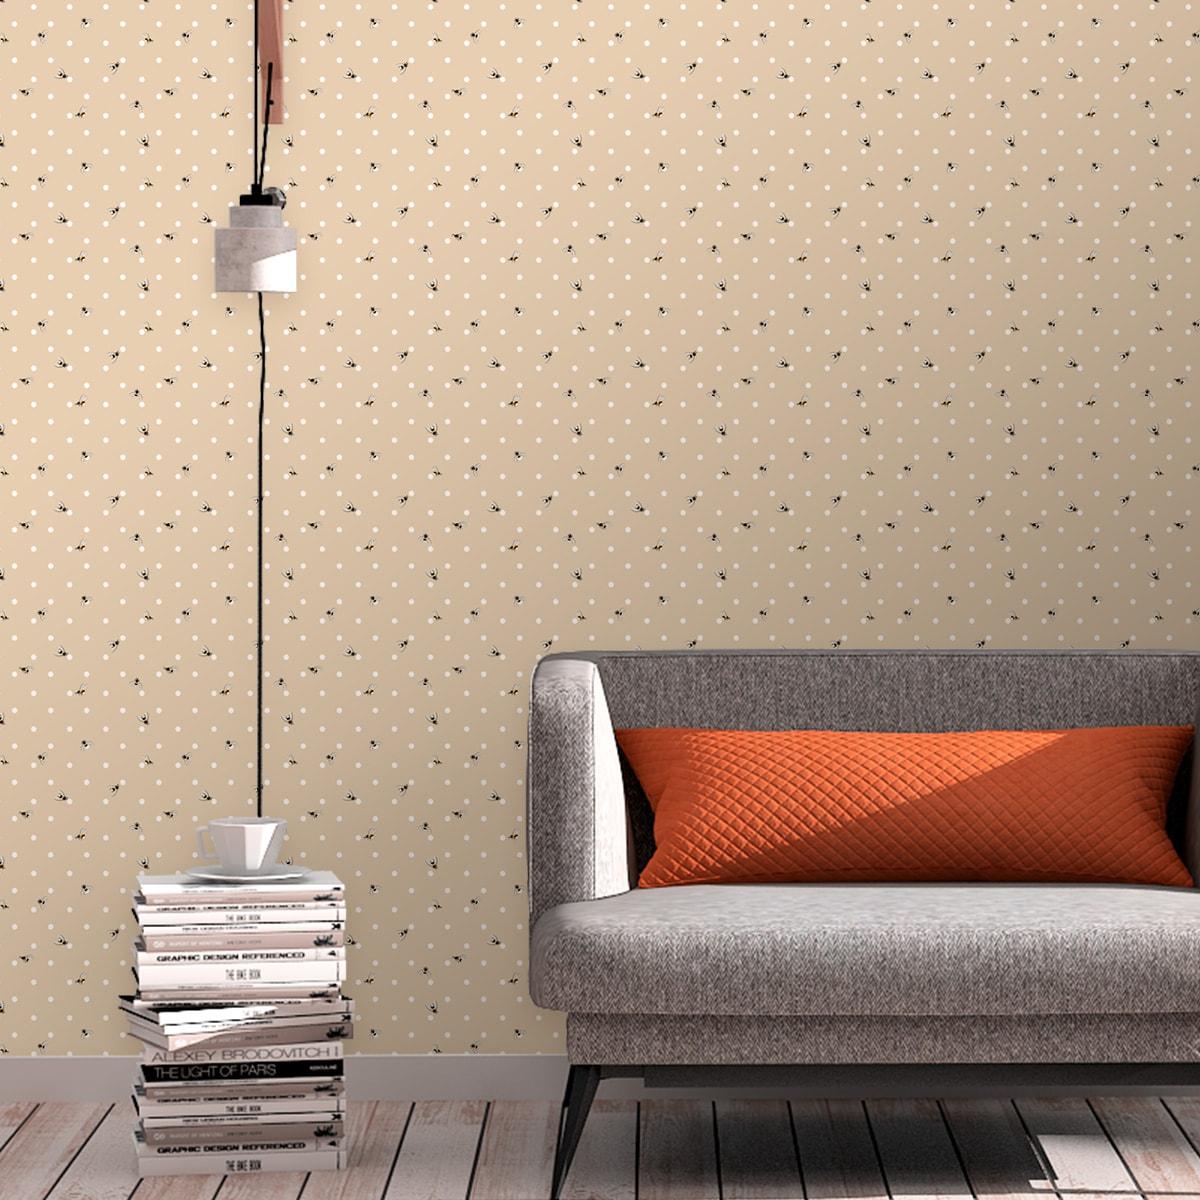 Schlafzimmer tapezieren in creme: Schöne Tapete